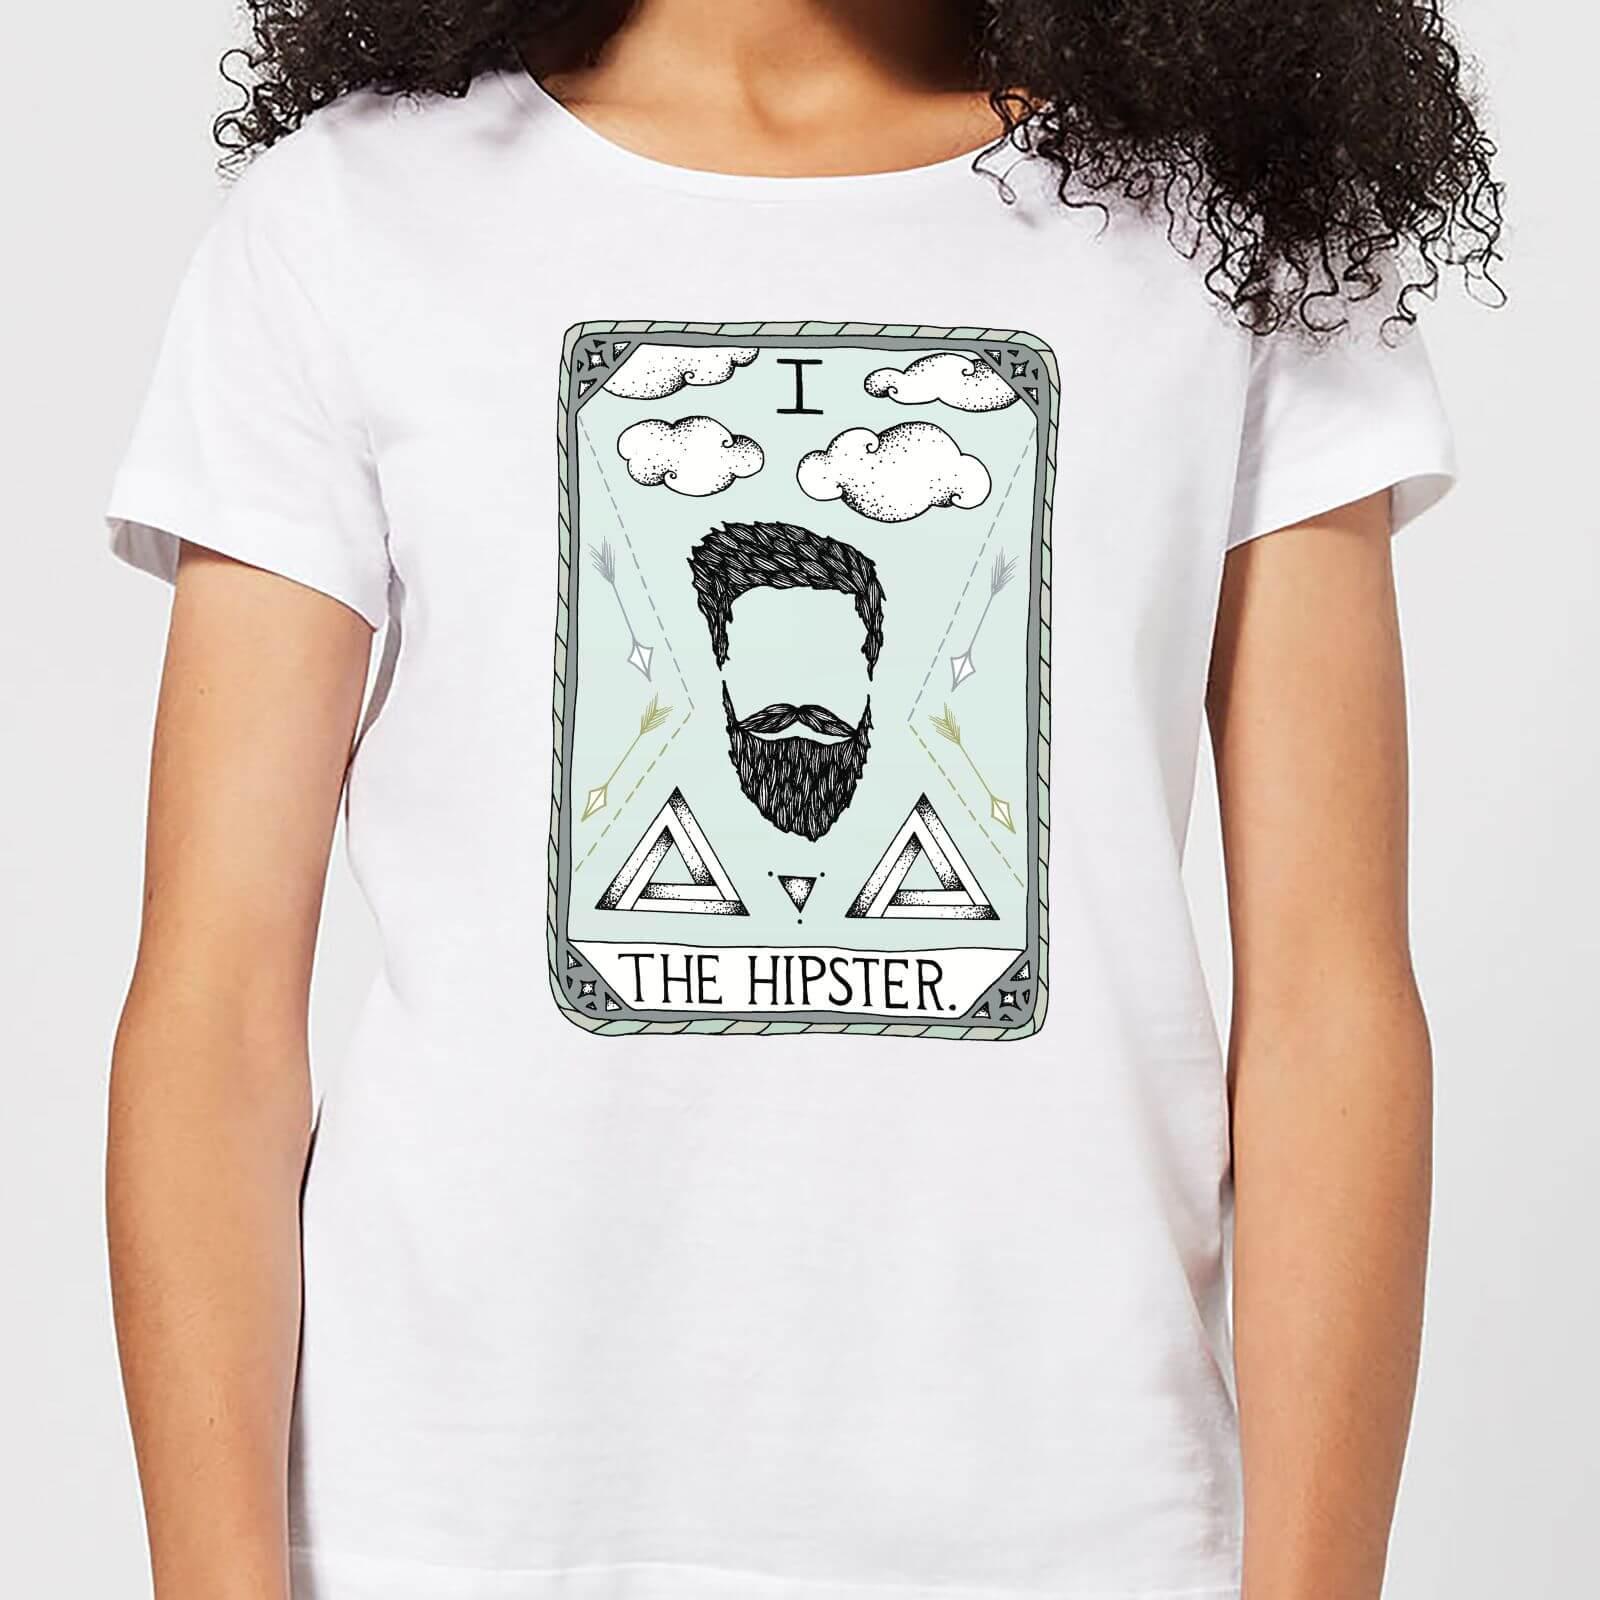 Barlena The Hipster Women's T-Shirt - White - M - White